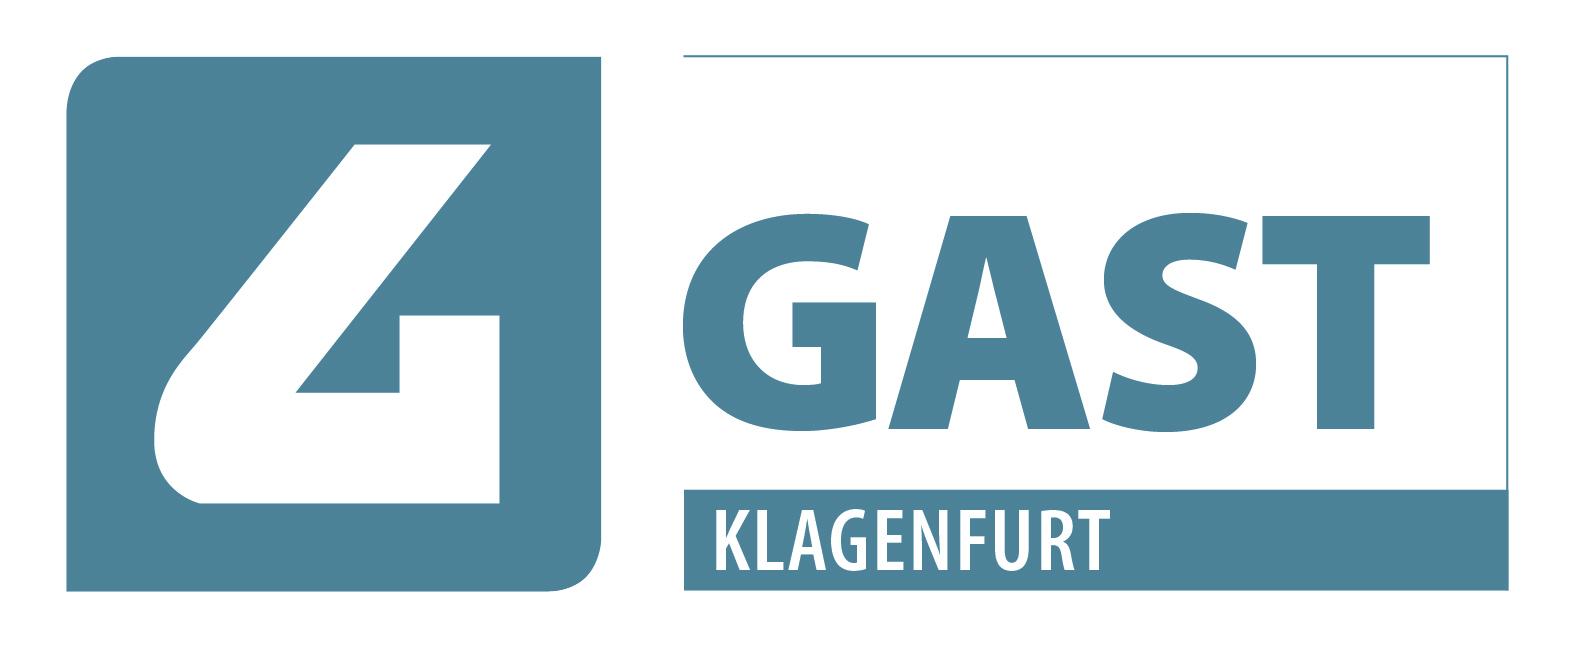 Das Logo der Gast Klagenfurt